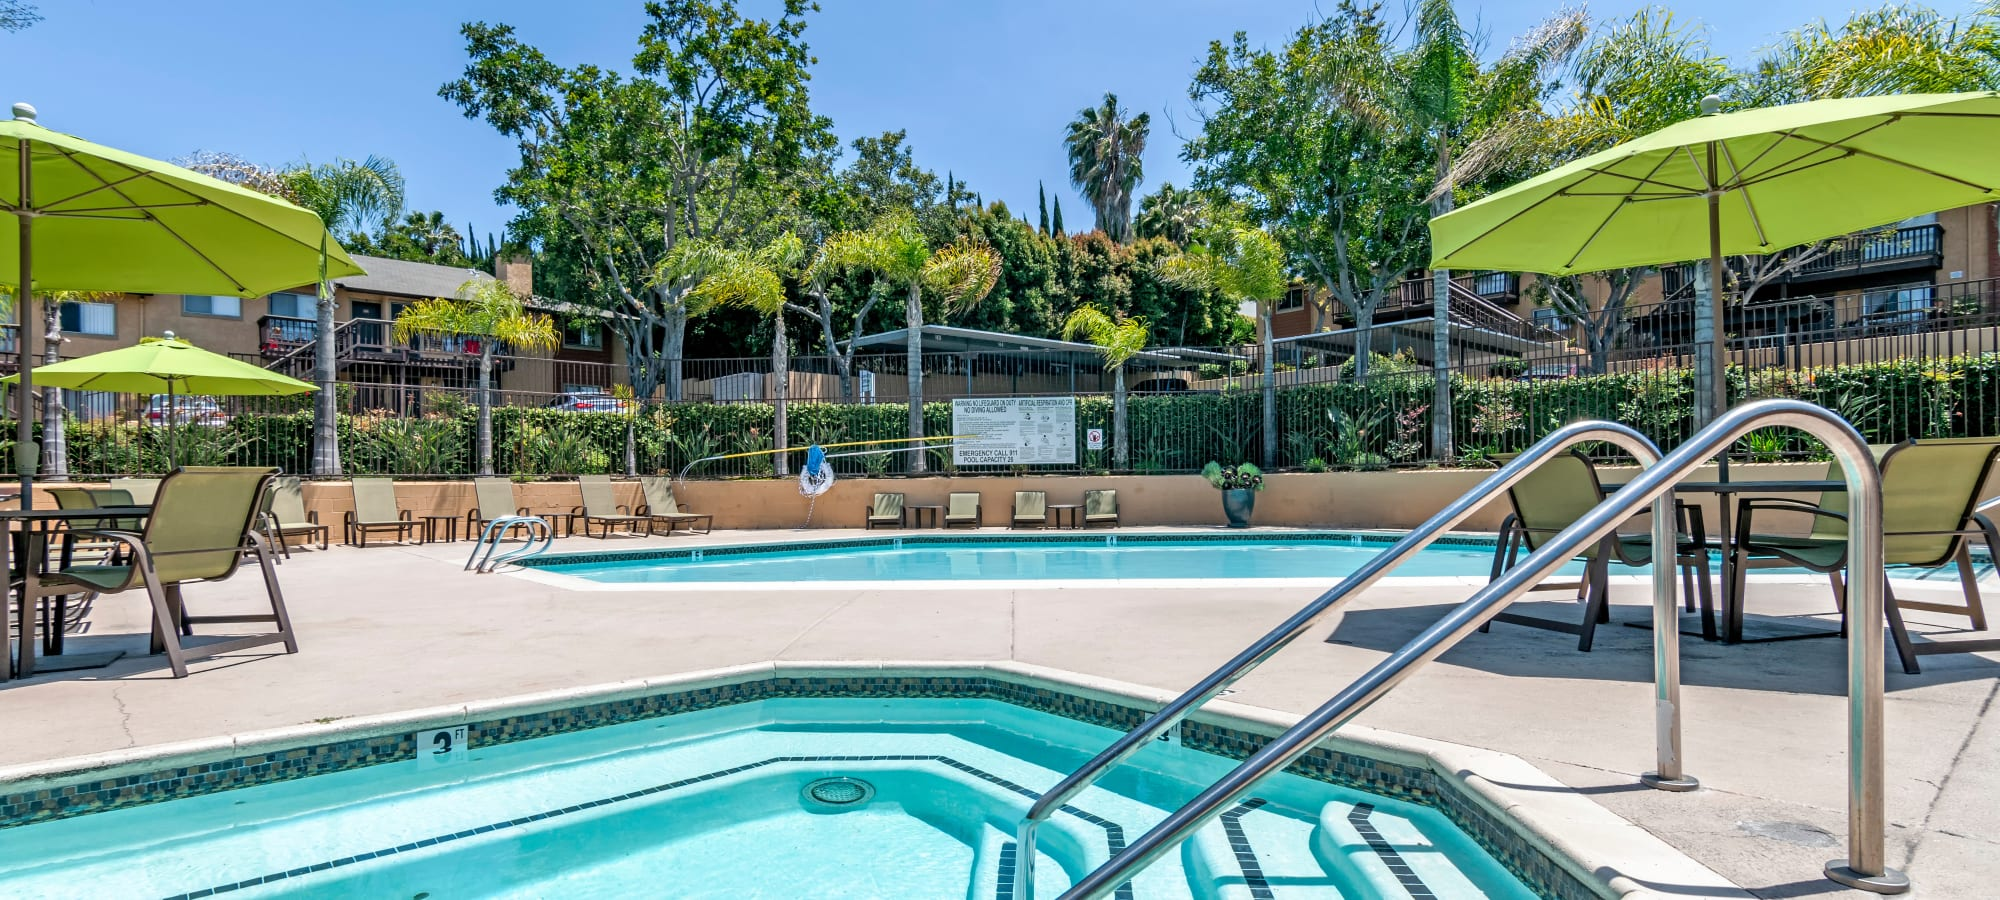 Lemon Grove, California at Hillside Terrace Apartments